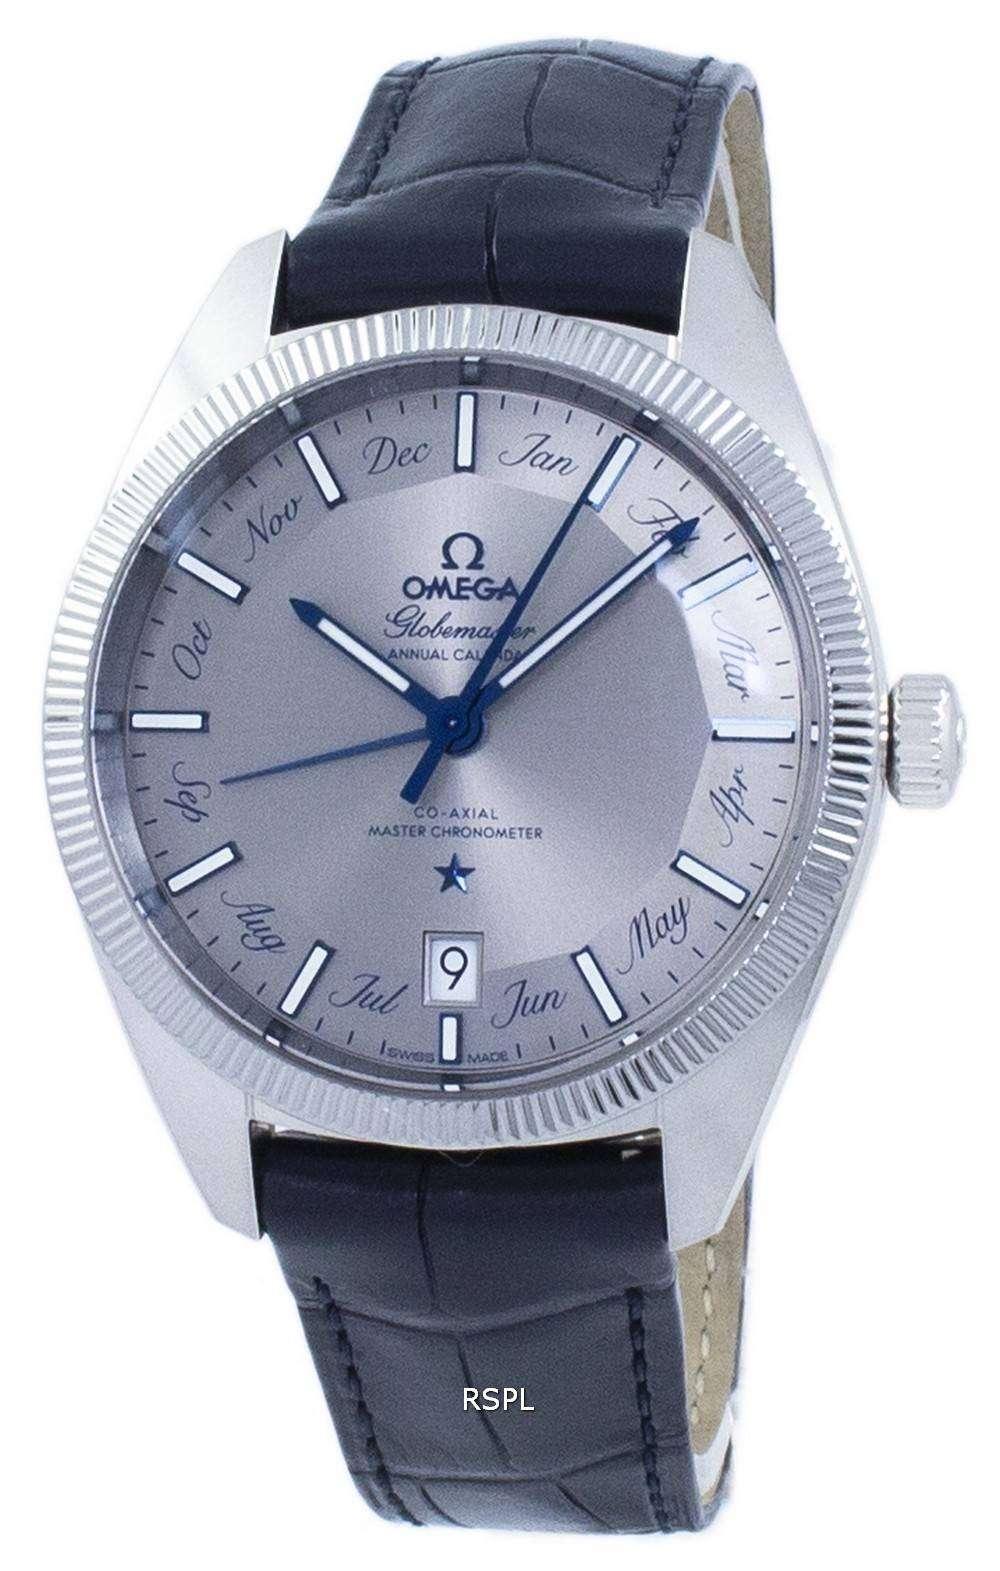 オメガ コンステレーション グローブ マスター年次カレンダー自動 130.33.41.22.06.001 メンズ腕時計